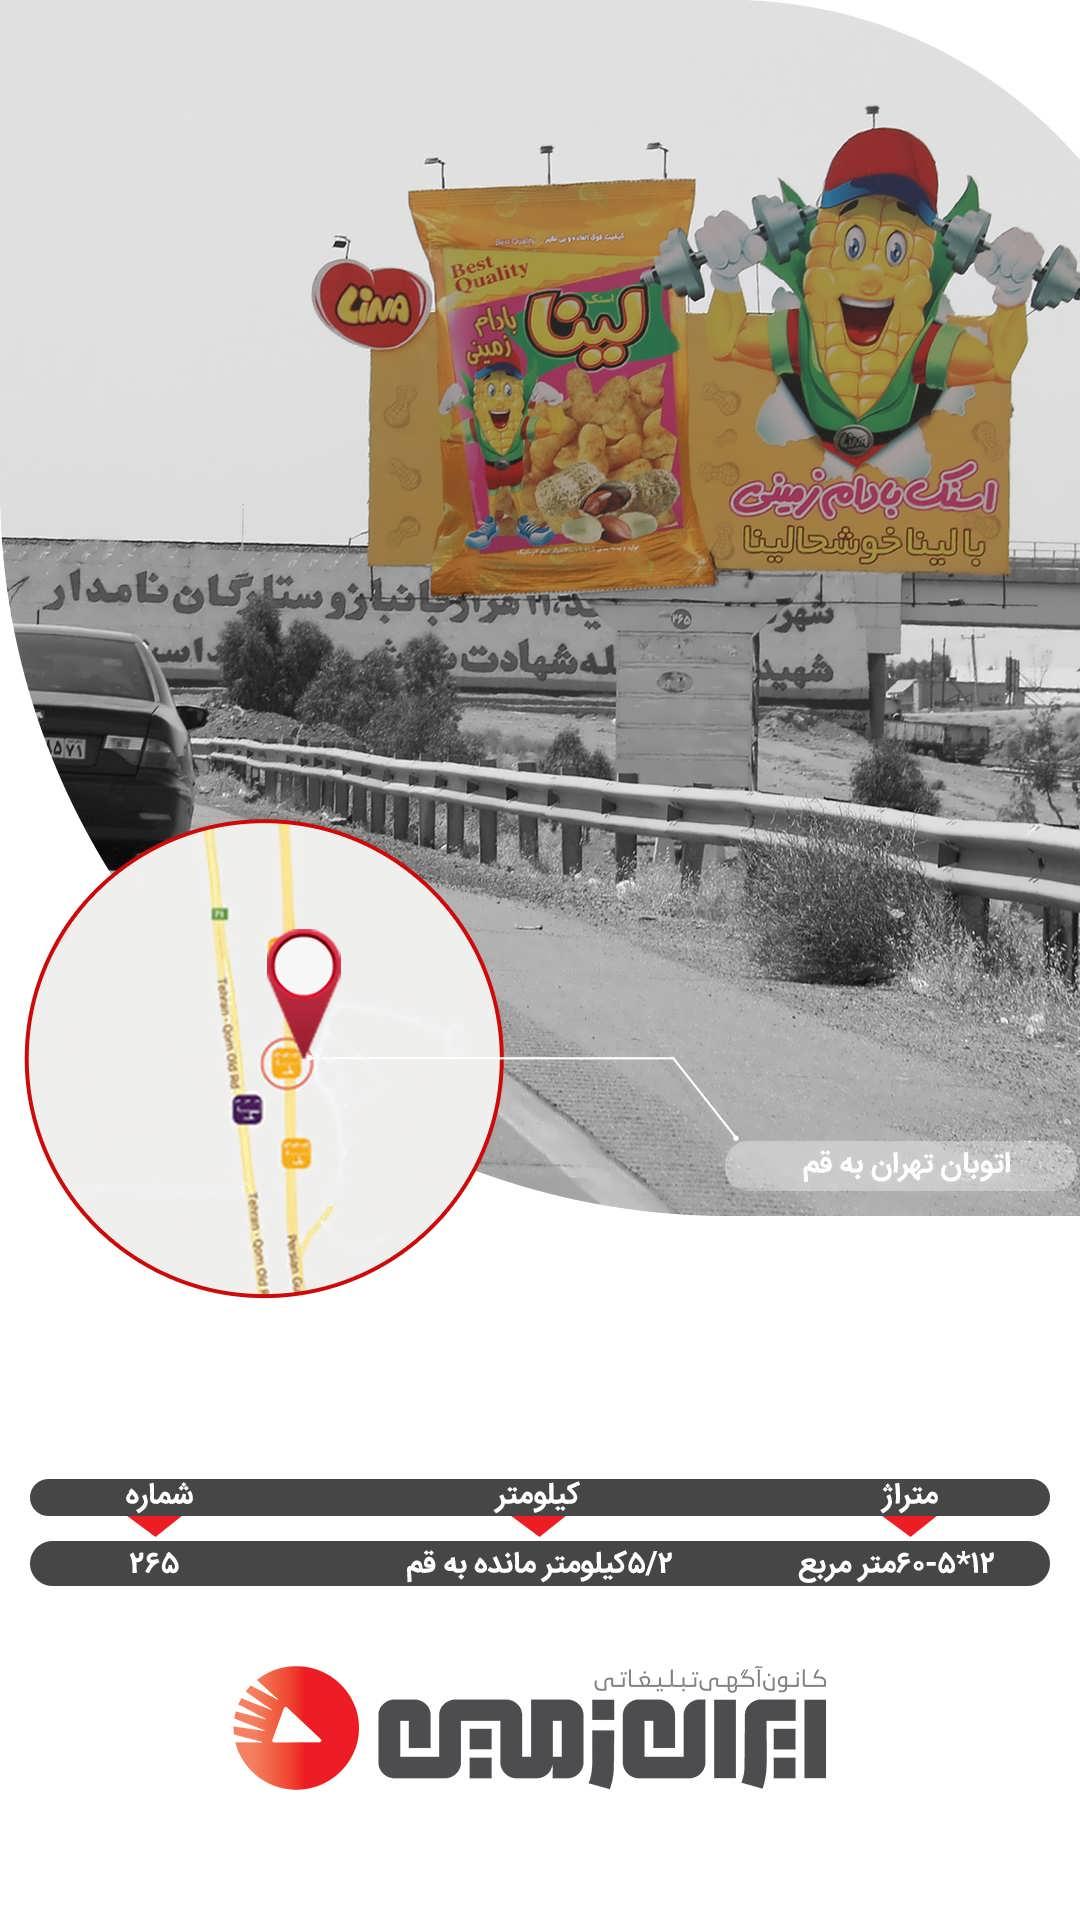 تبلیغات بیلبوردی اتوبان تهران قم